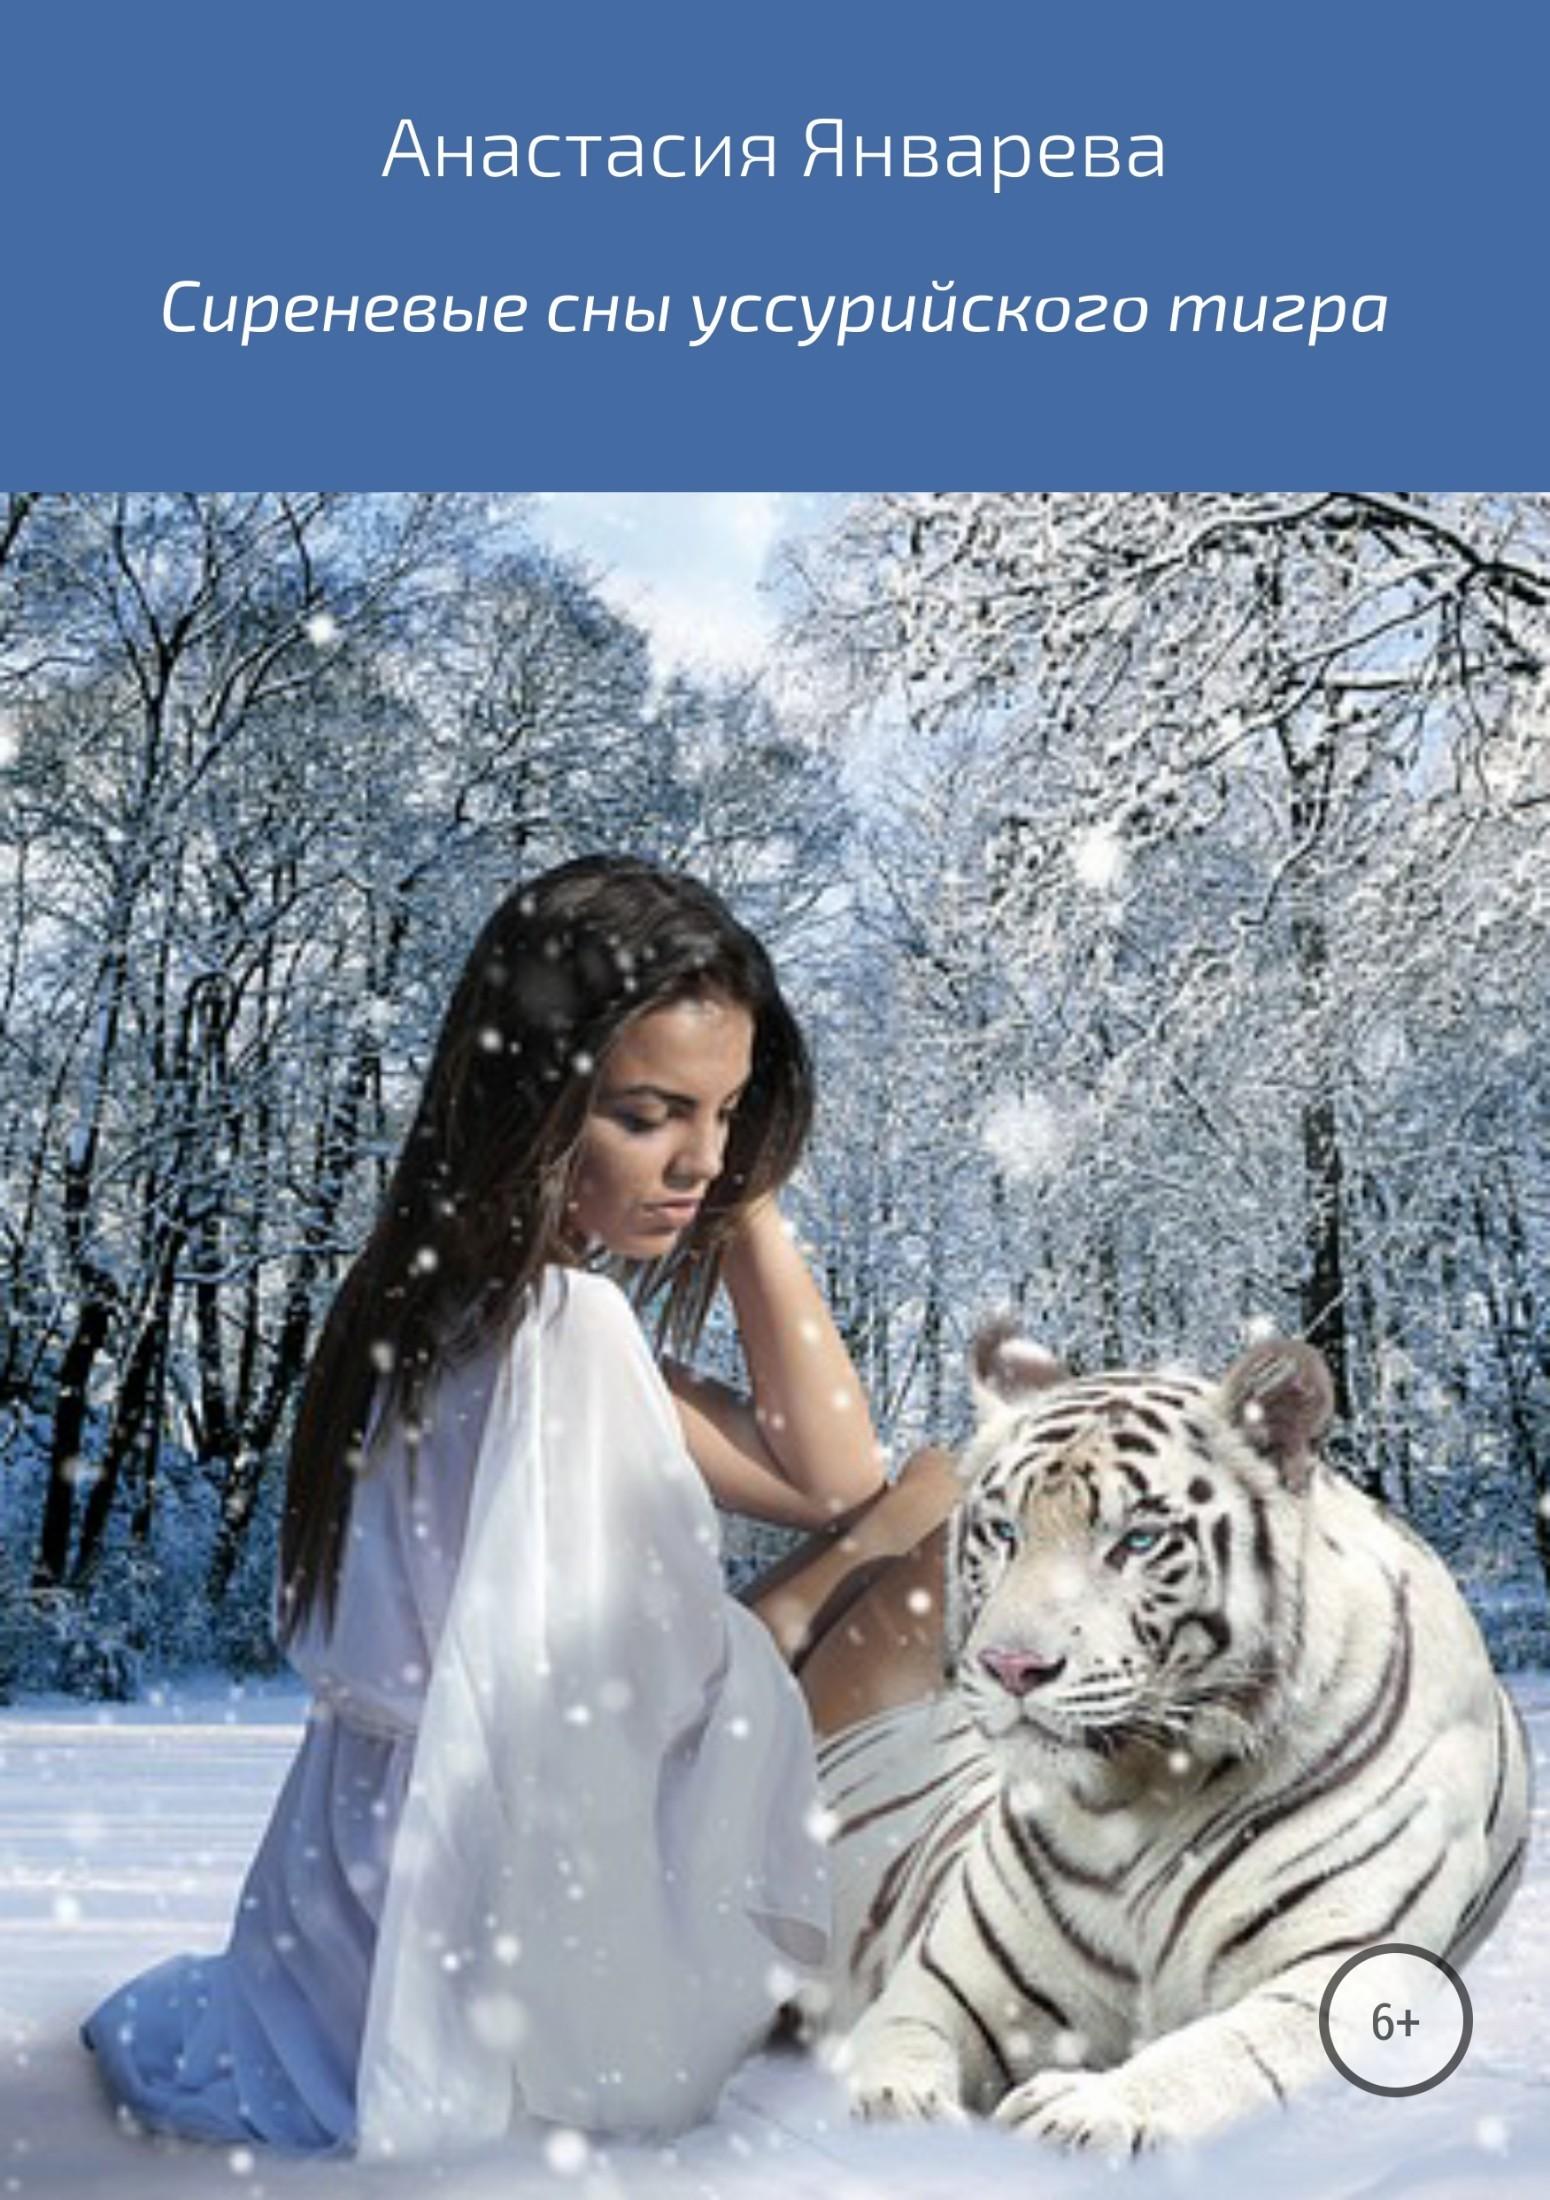 Сиреневые сны уссурийского тигра